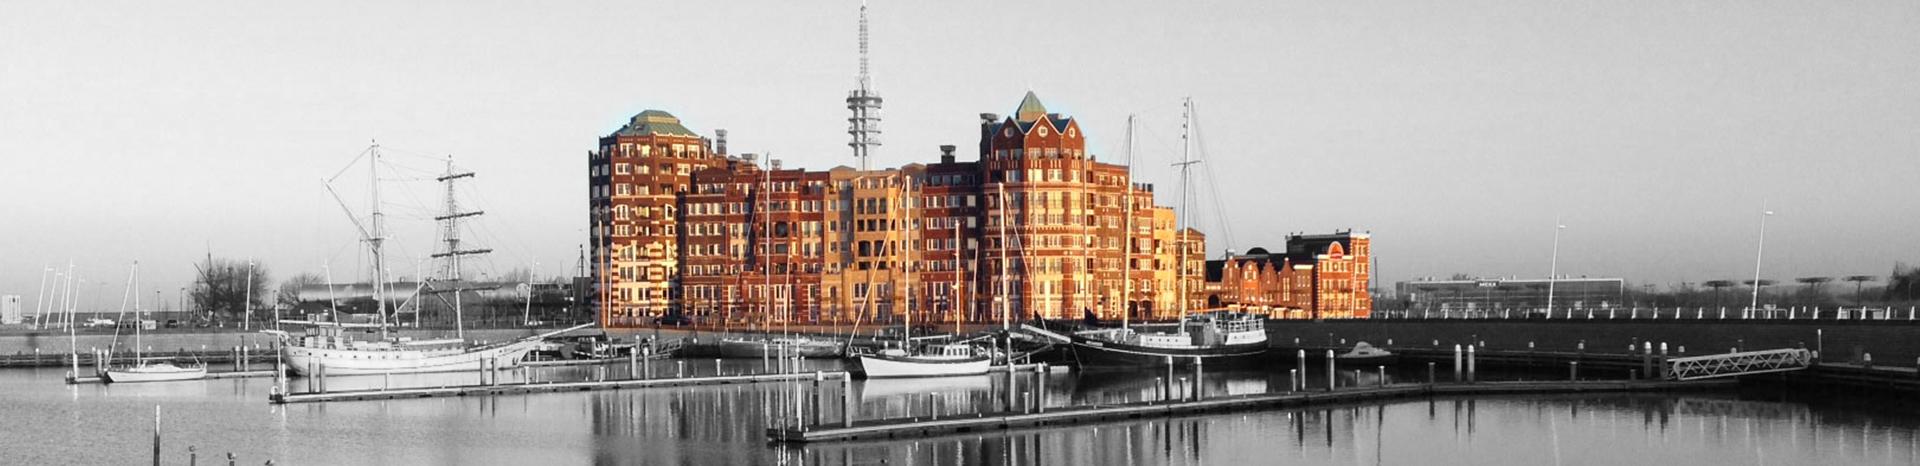 Gratis letselschade advocaat | Lelystad